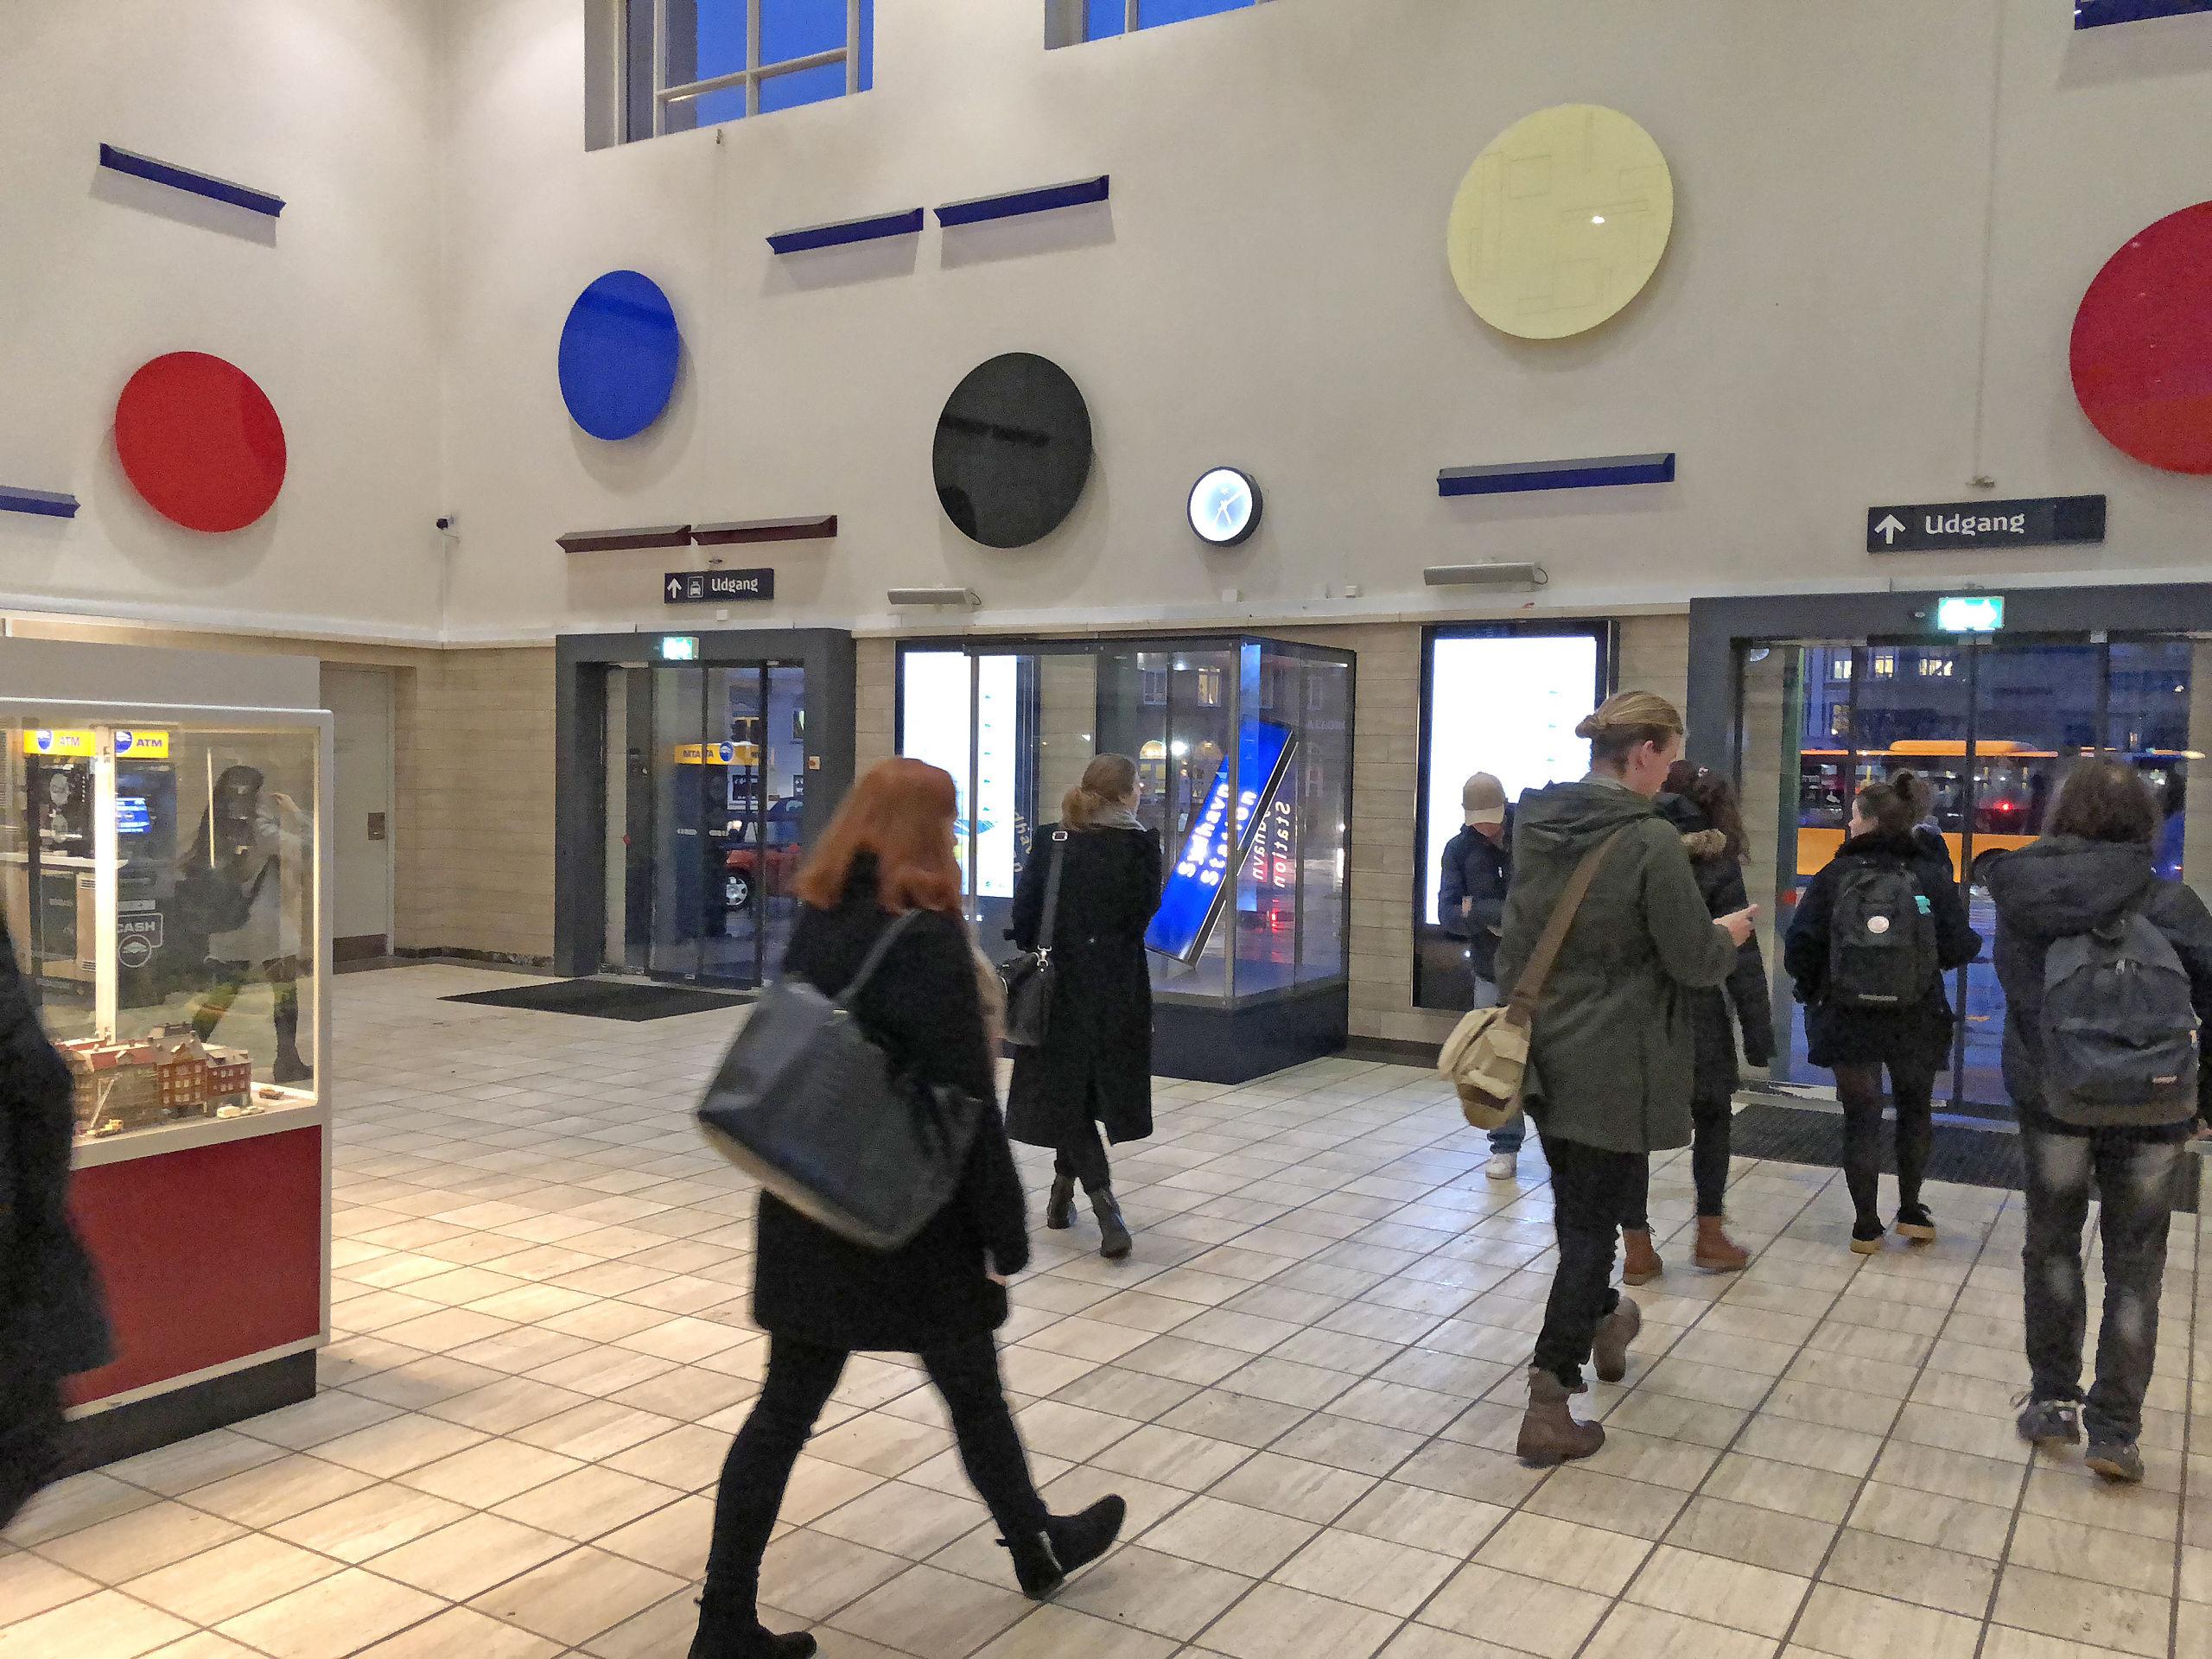 Kunsthal Nord har før rykket kunsten ud i det offentlige rum. Kunstnergruppen Sydhavn Station var aktuelle på Aalborg Station i 2018. Foto Niels Fabæk